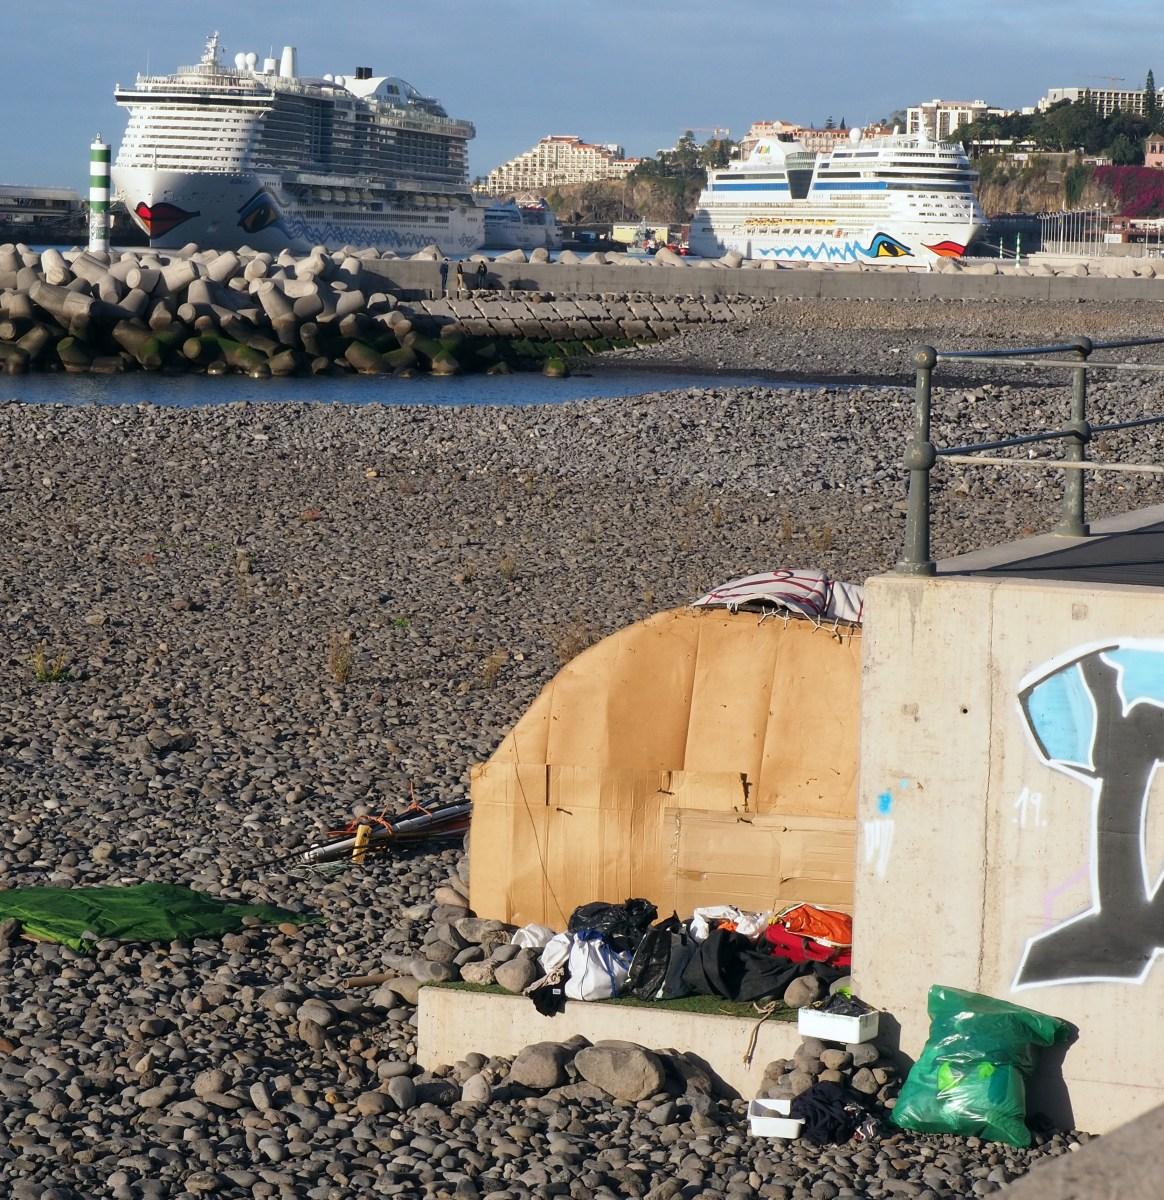 Problemas de toxicodependência e multiplicação de sem-abrigo afectam imagem turística na zona velha do Funchal